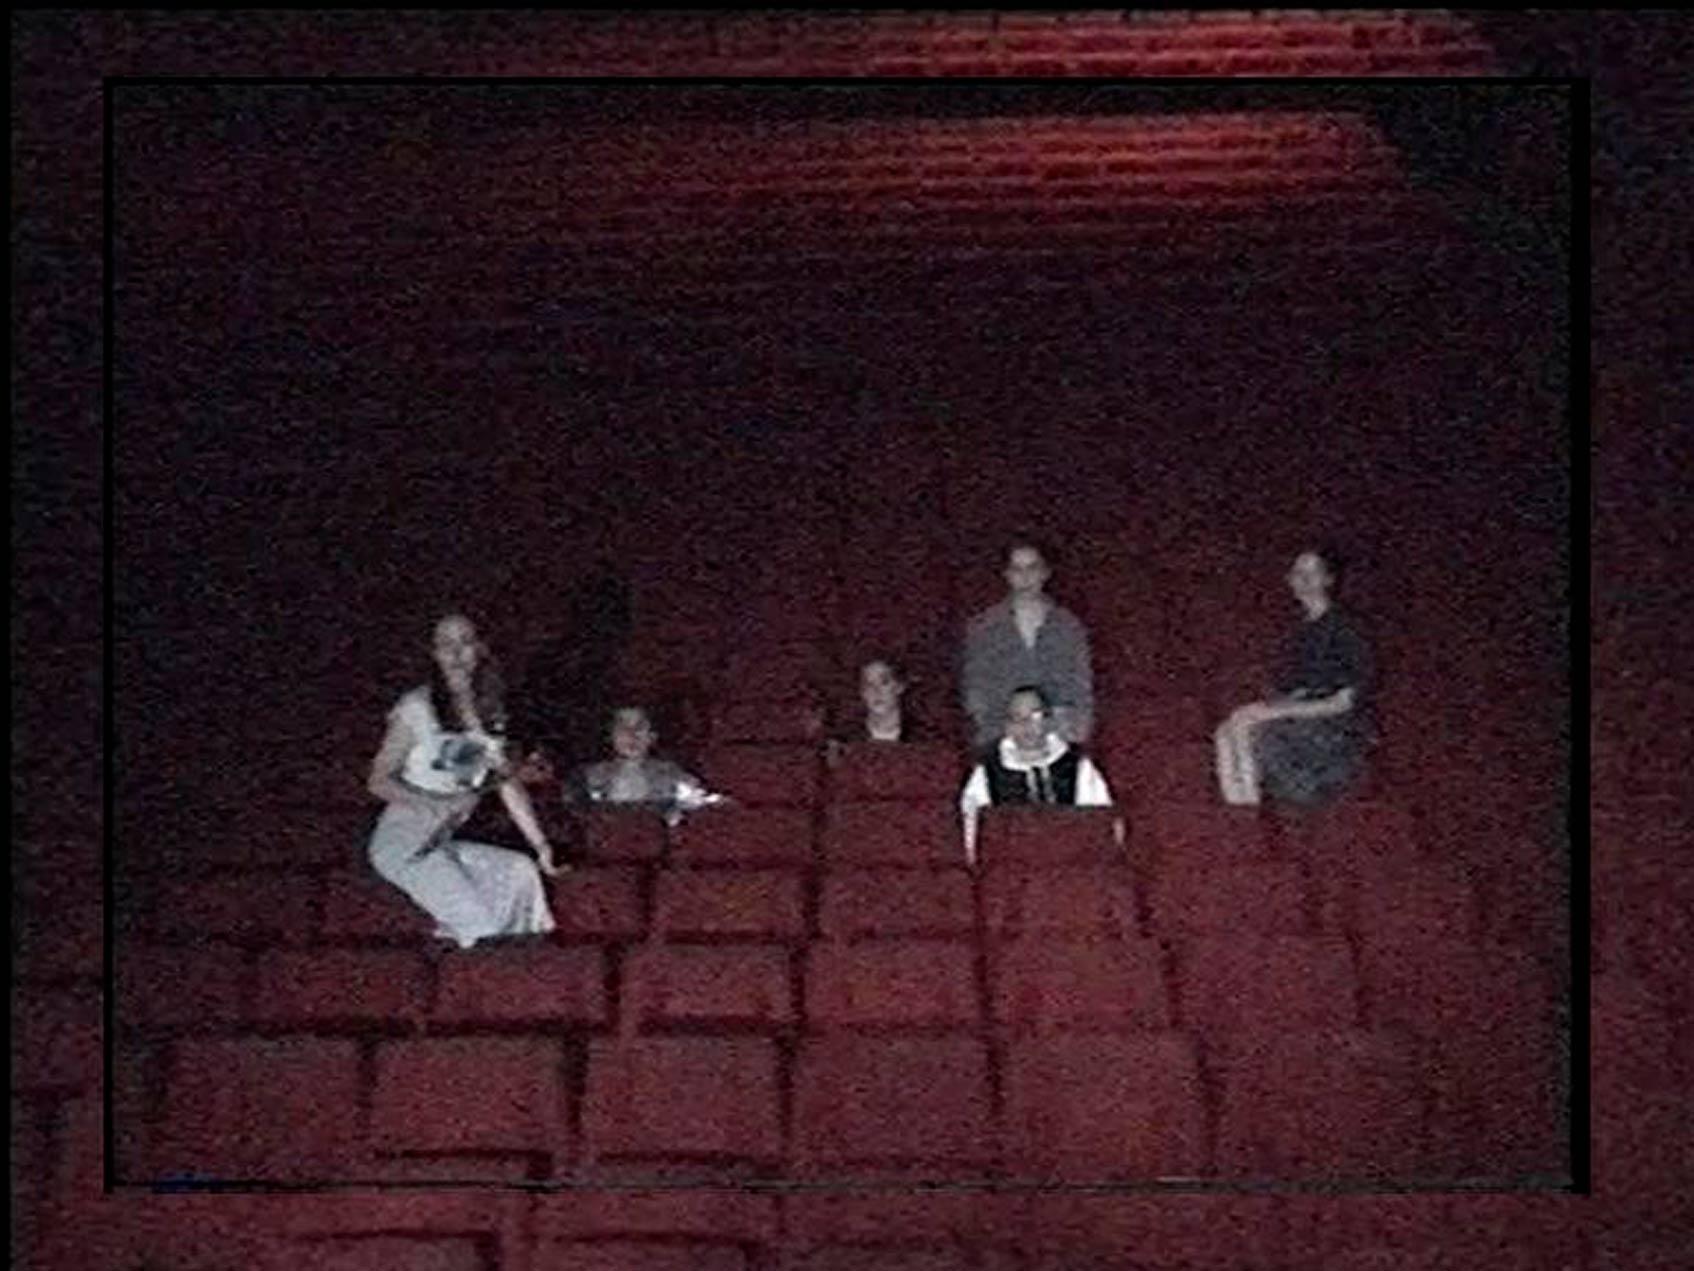 фестиваль экспериментального кино MIEFF участники